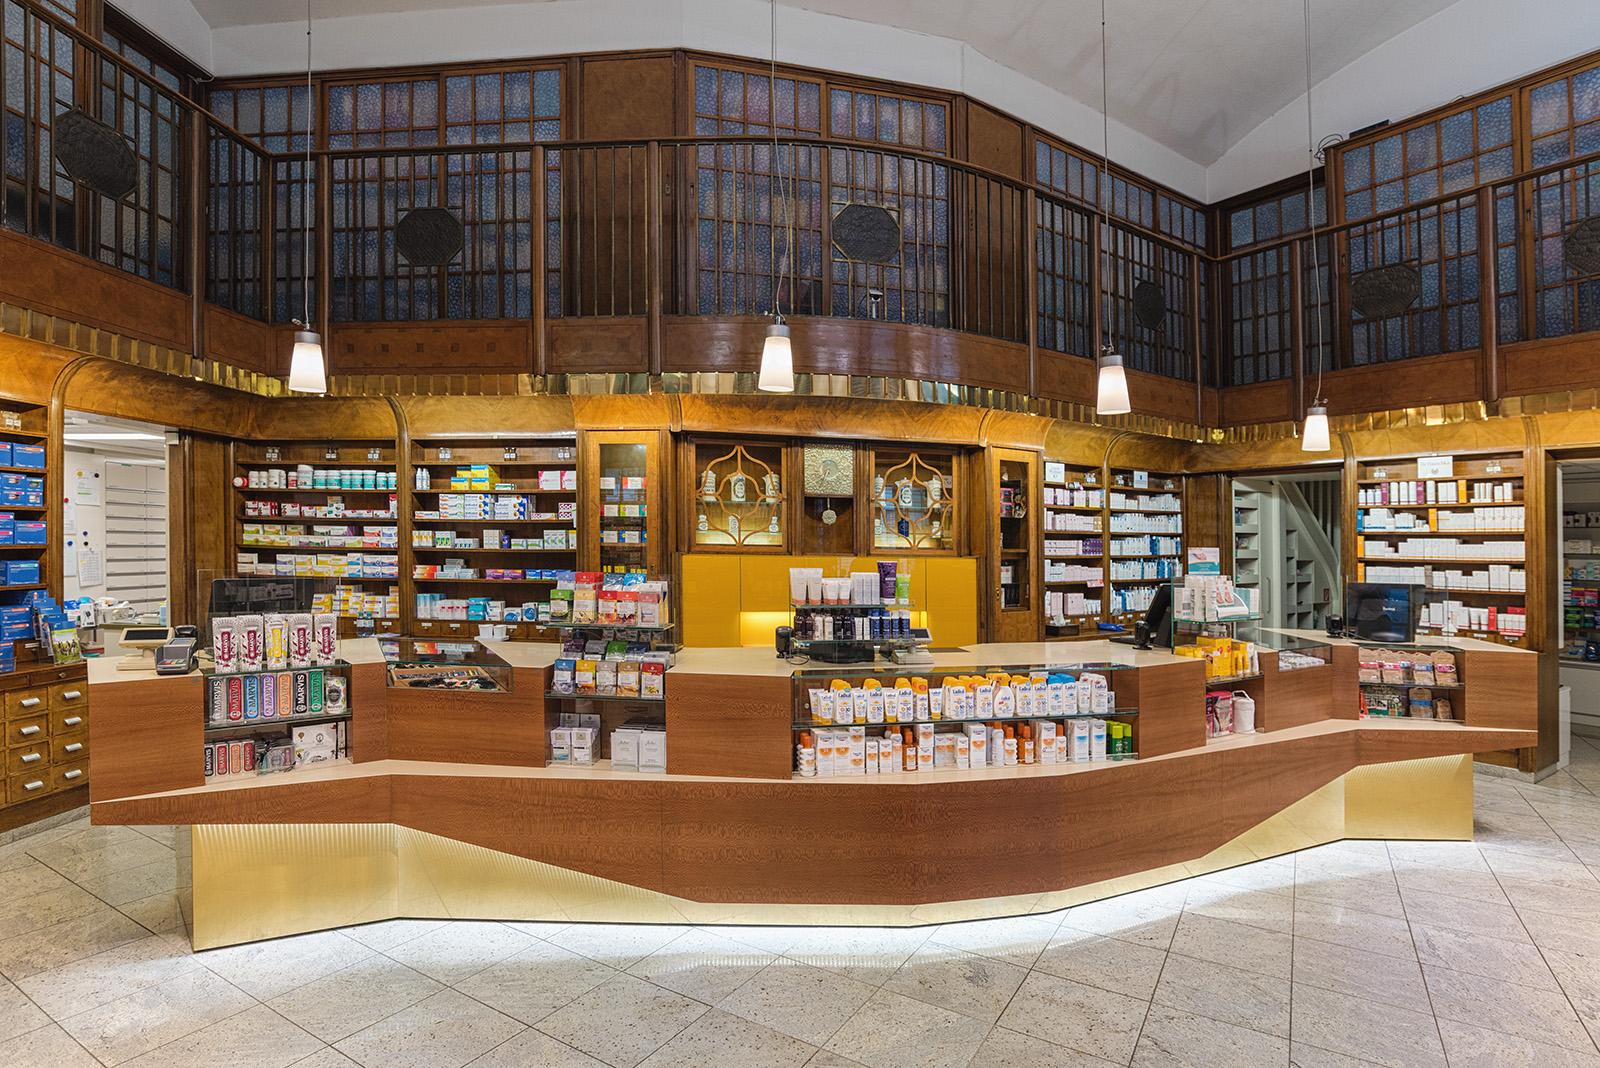 Frontalansicht des Verkaufspults in der internationalen Apotheke, gestaltet von Studio Thörnblom